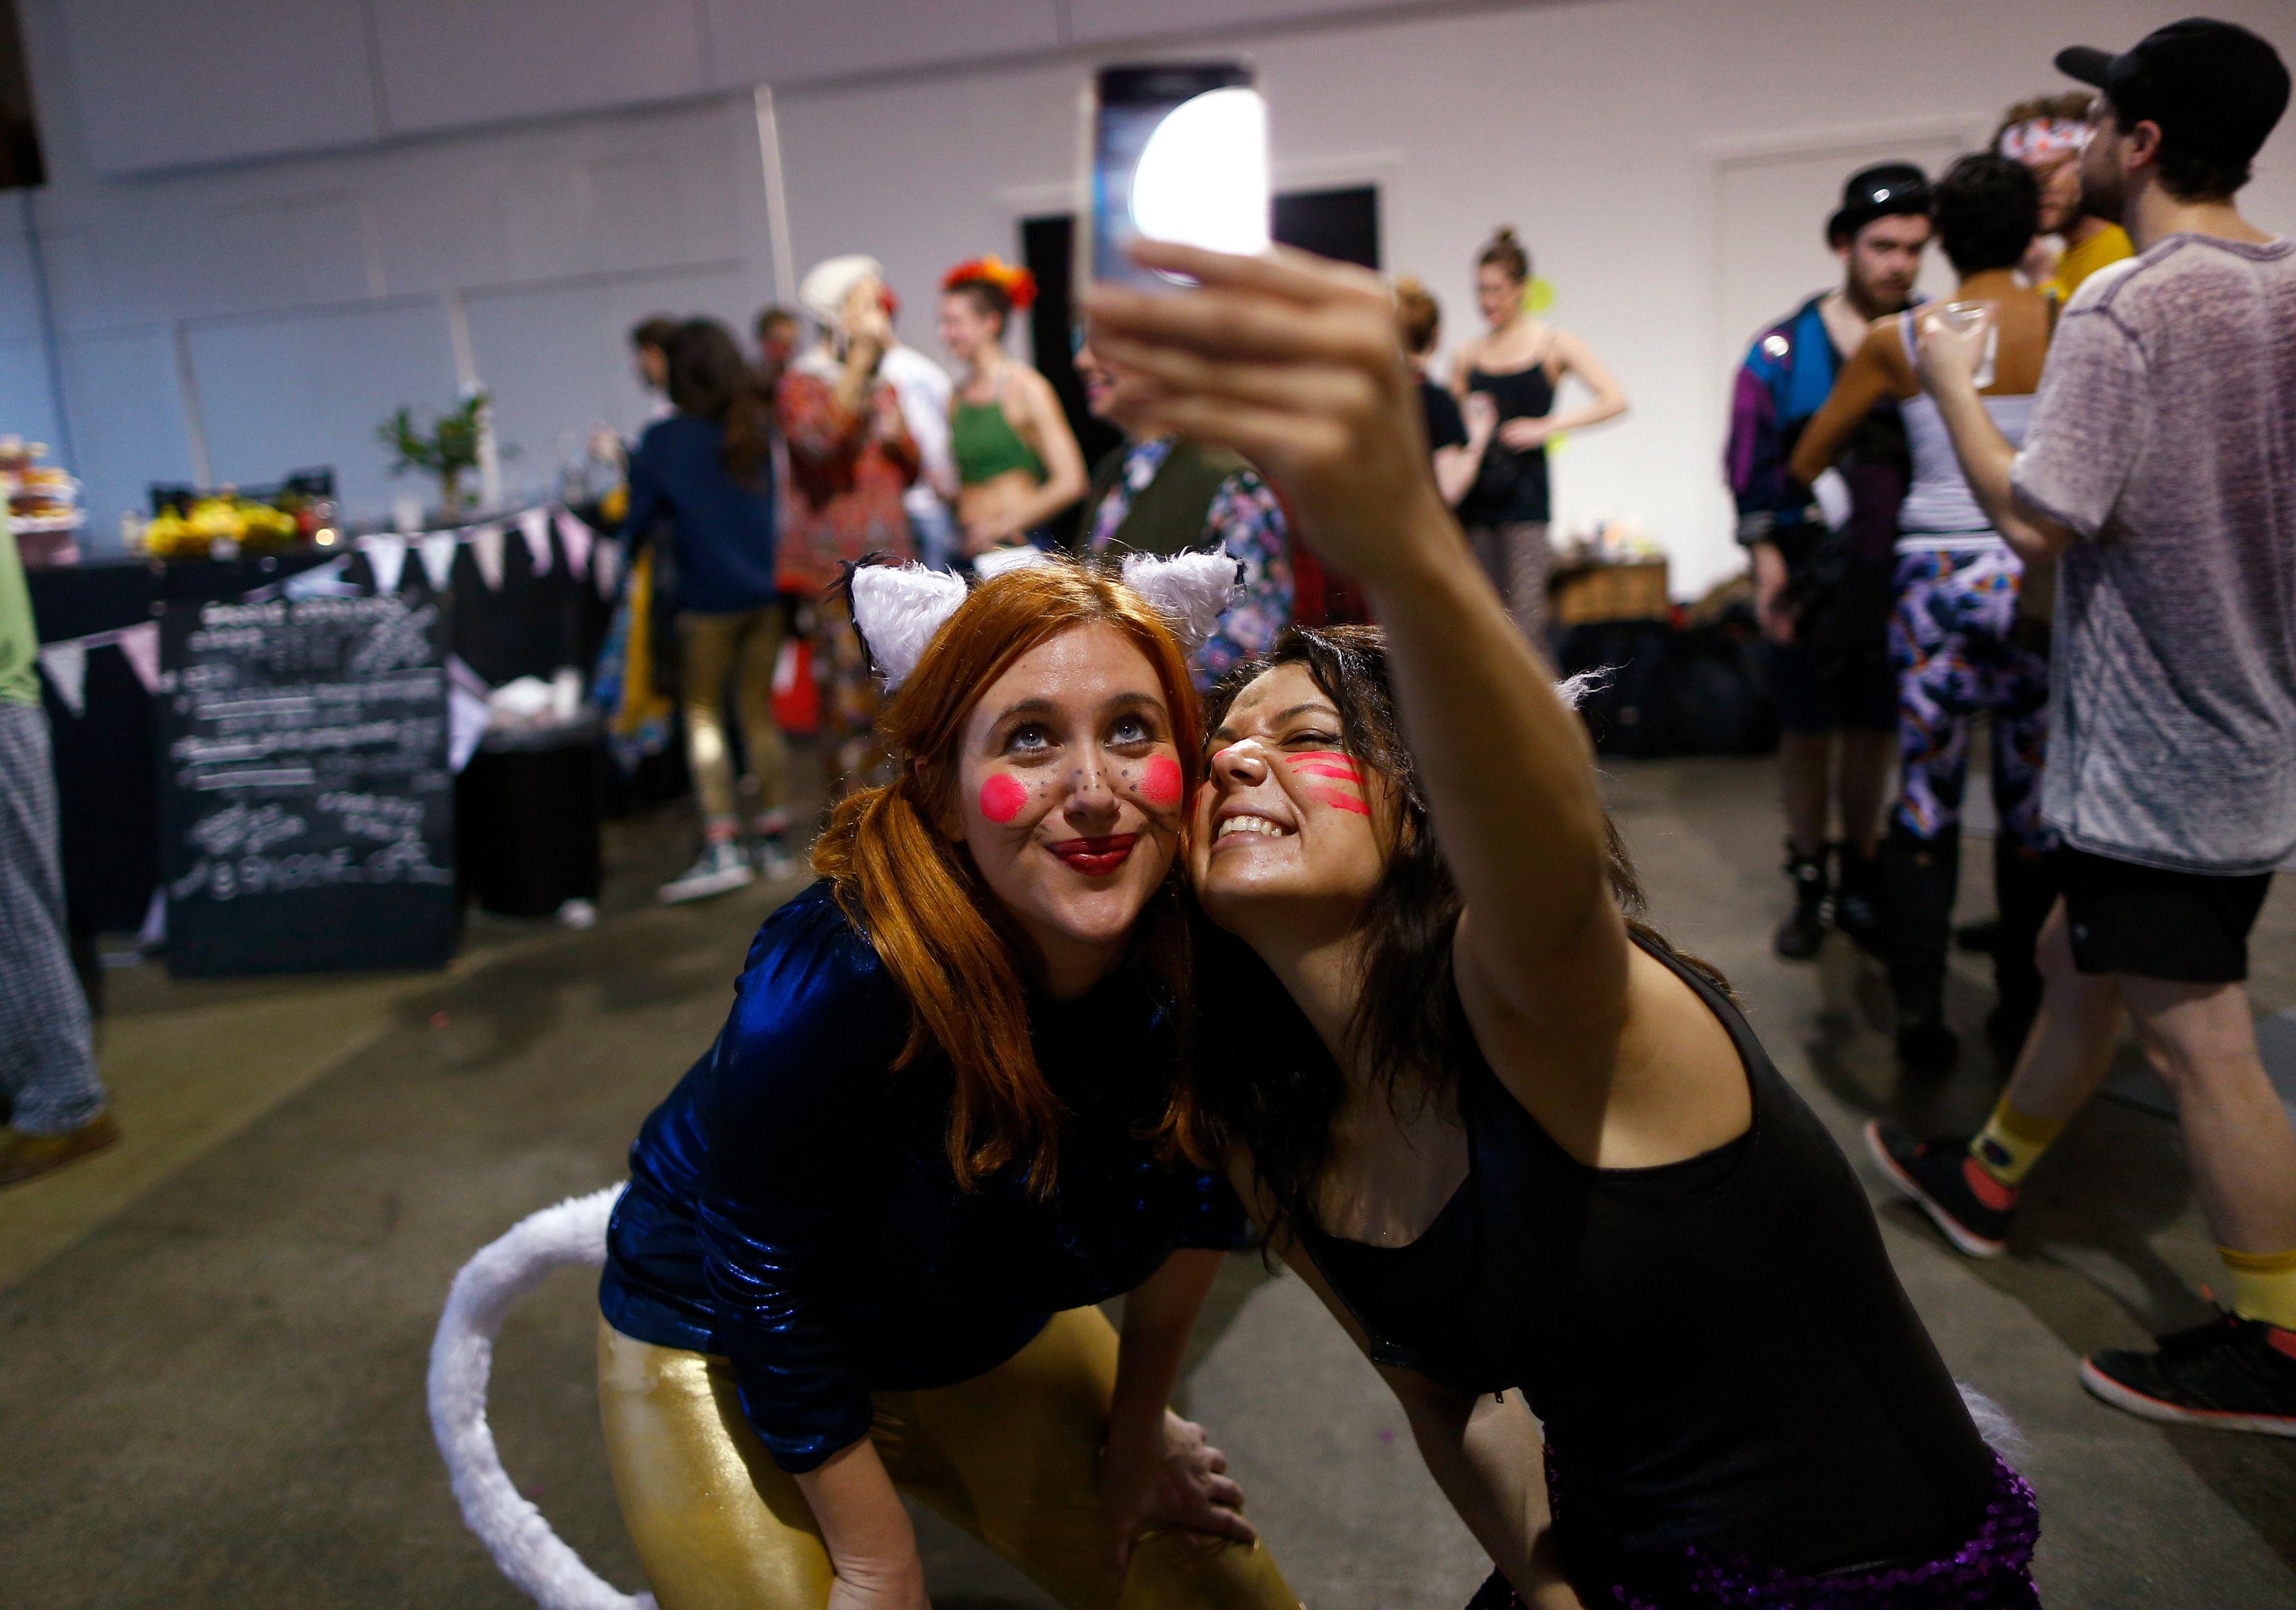 Les selfies seraient responsables d'une invasion de poux